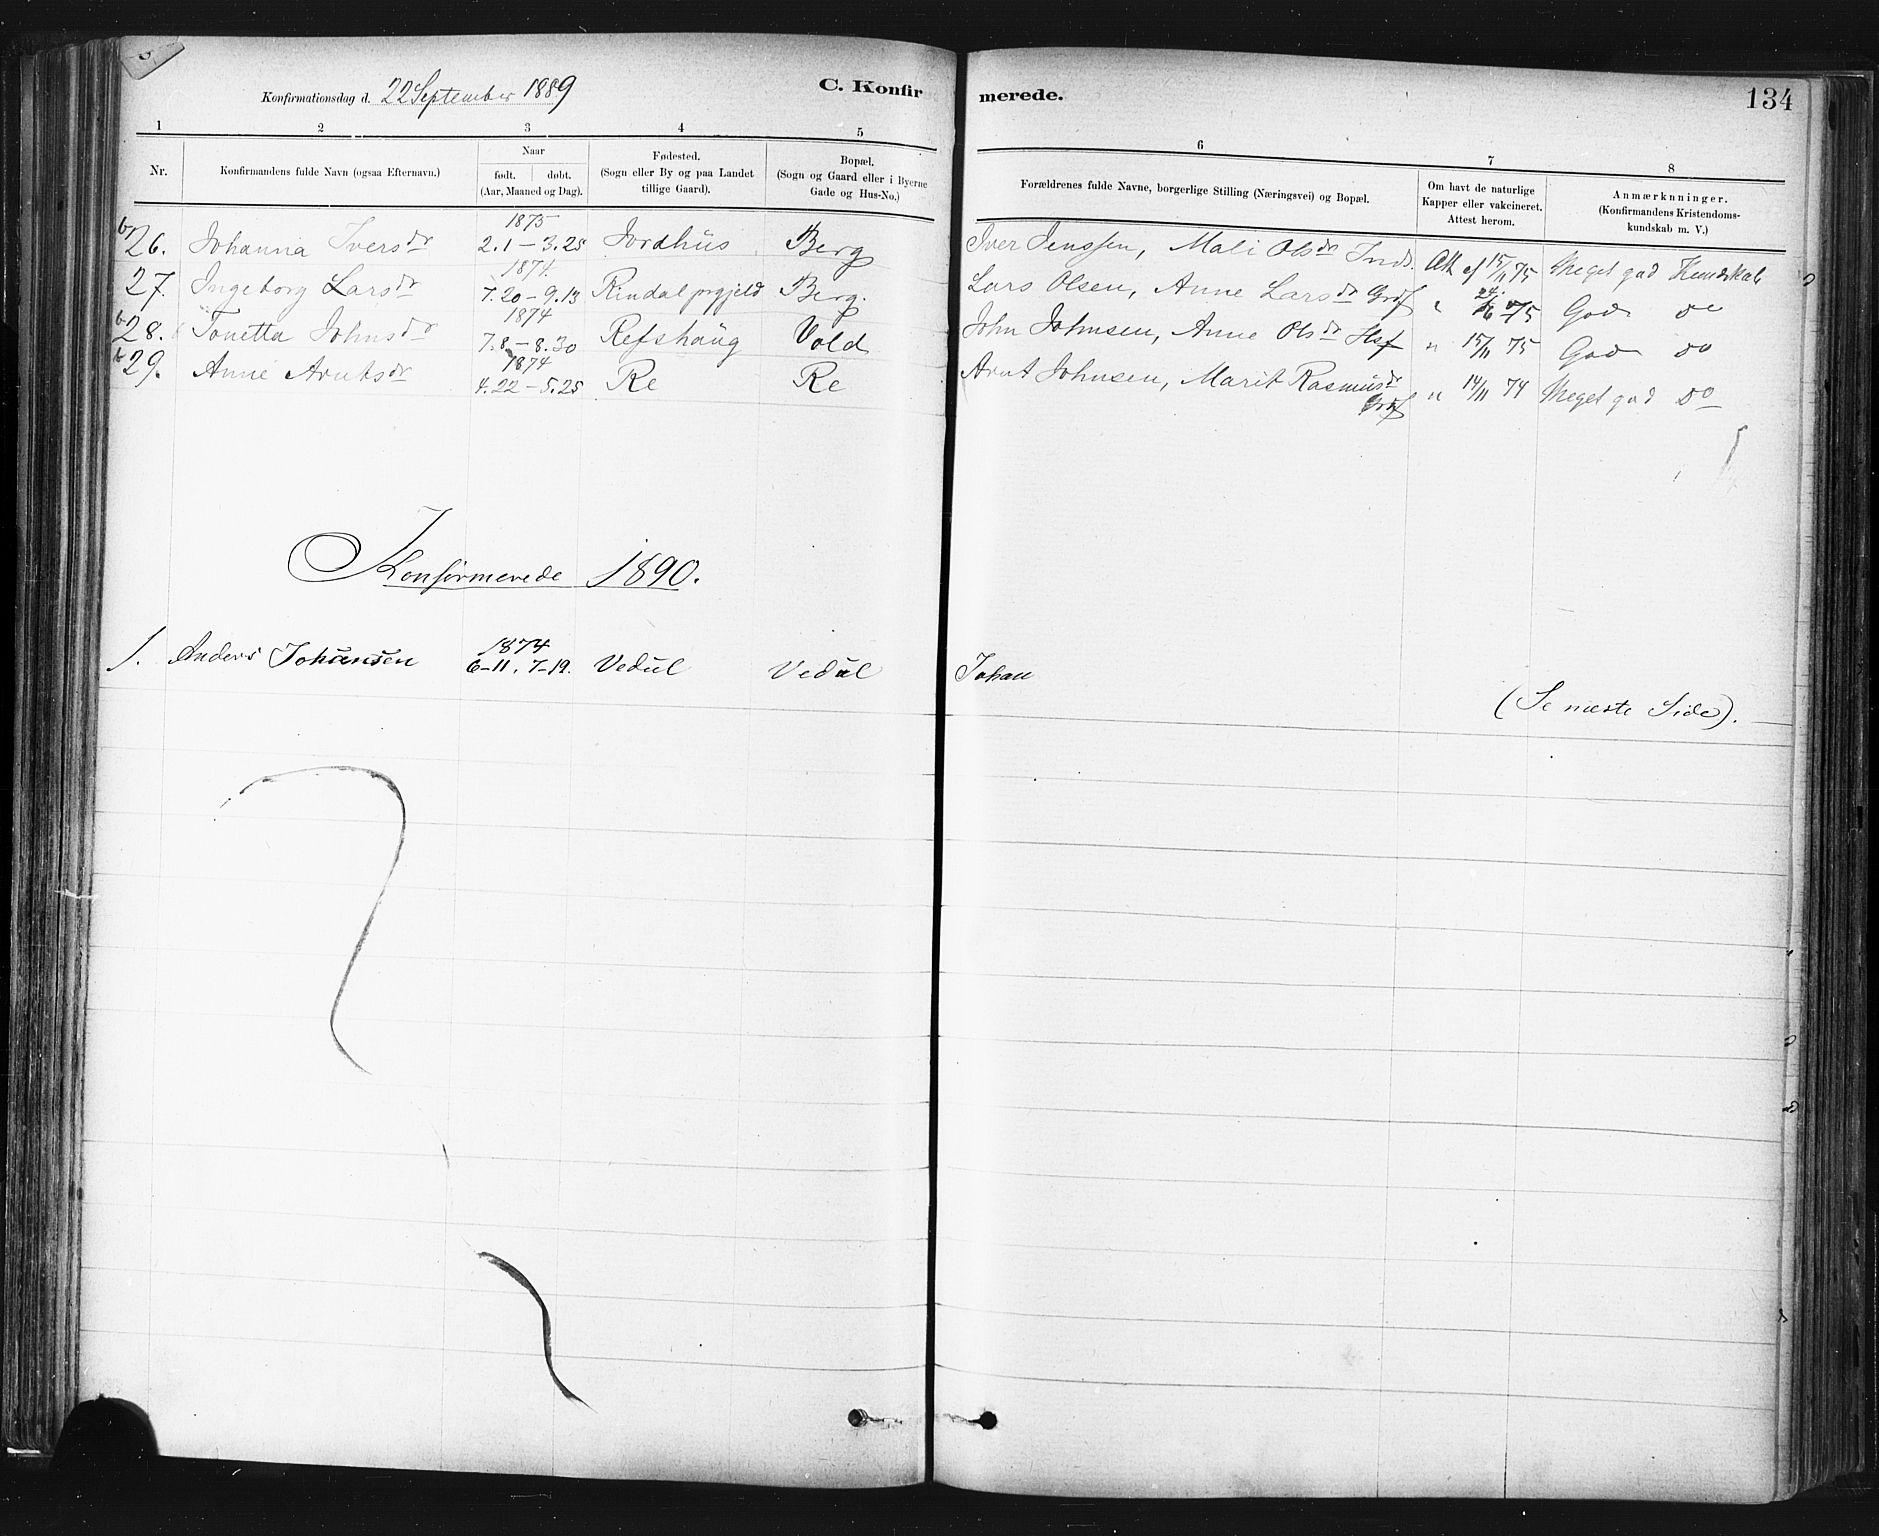 SAT, Ministerialprotokoller, klokkerbøker og fødselsregistre - Sør-Trøndelag, 672/L0857: Ministerialbok nr. 672A09, 1882-1893, s. 134